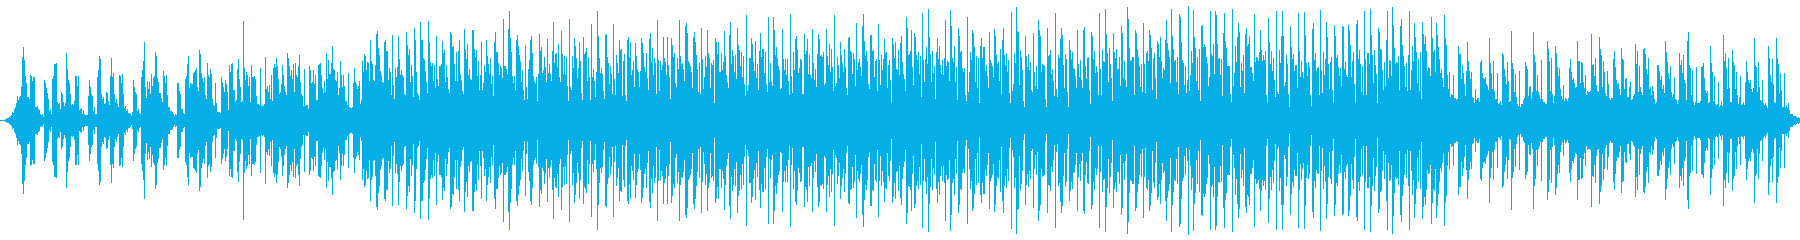 オーケストラのリズムにデジタルっぽさを…の再生済みの波形